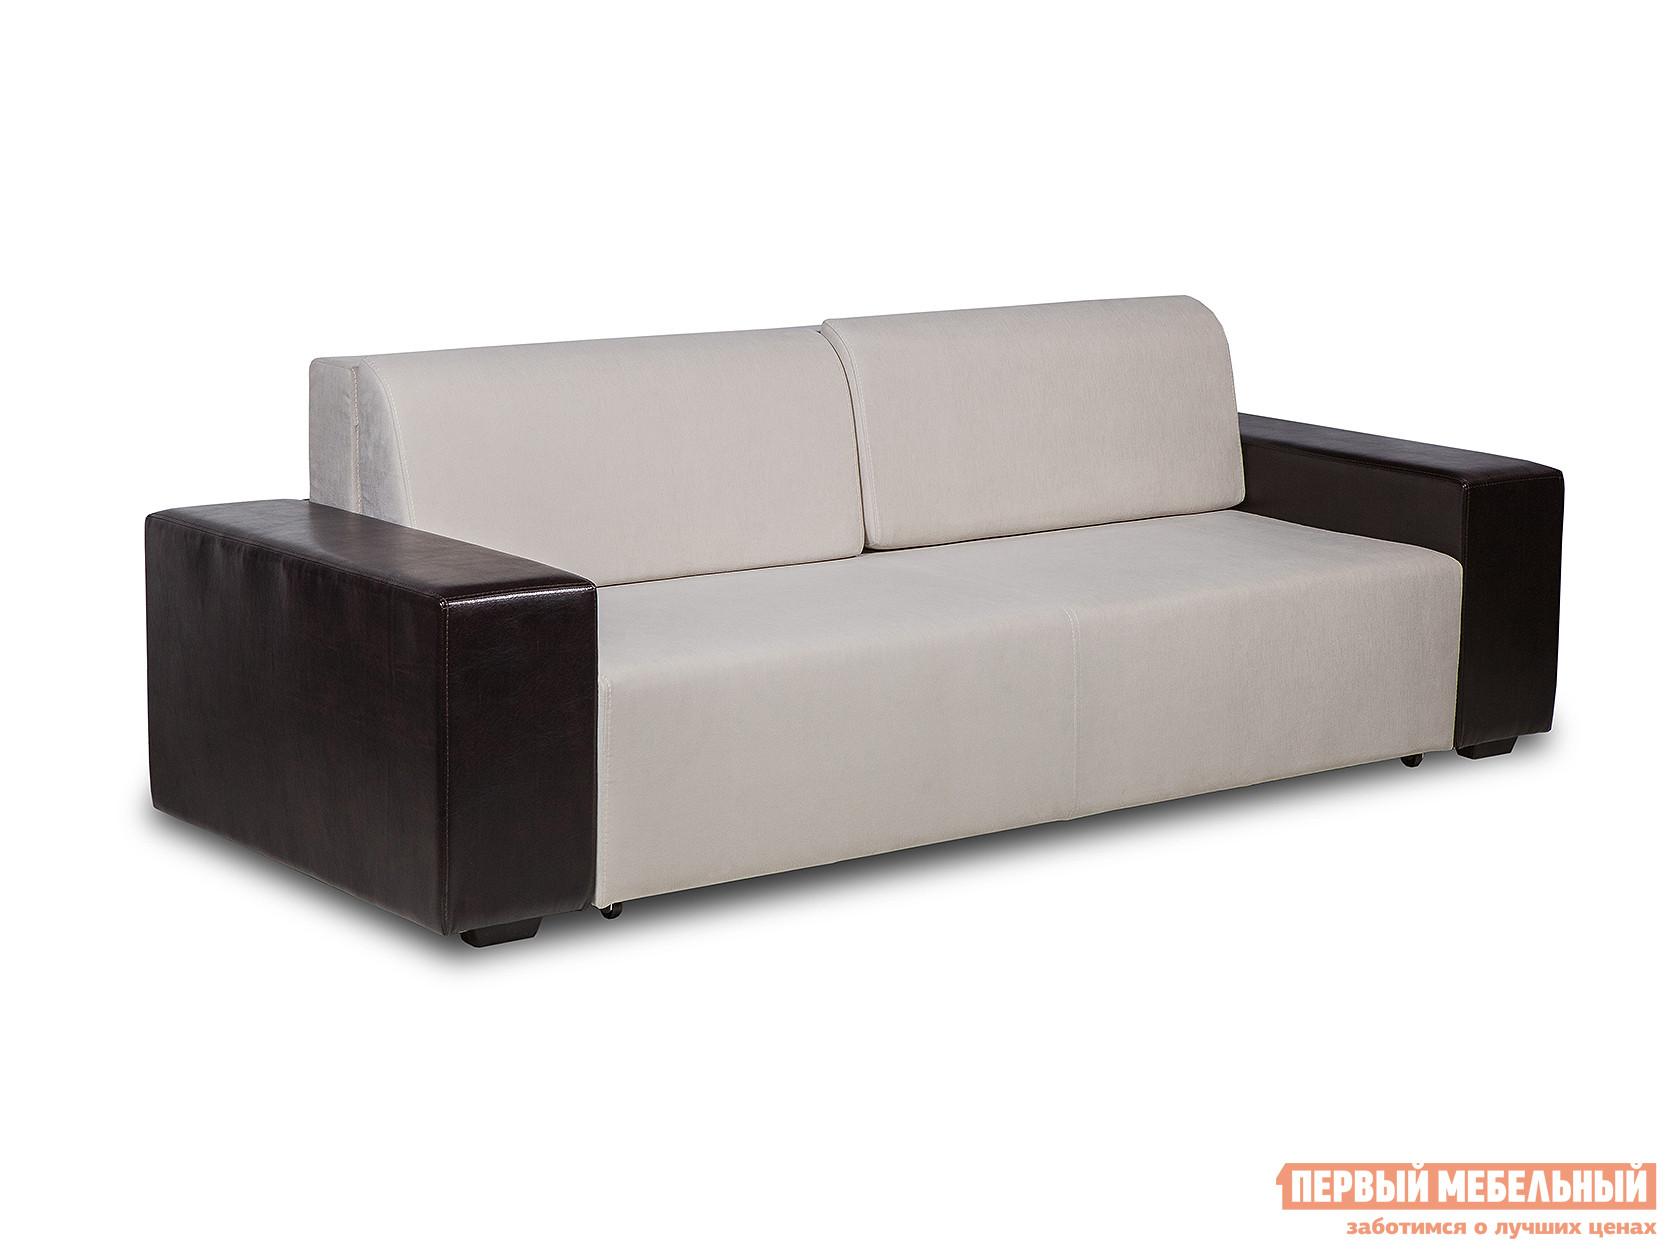 Диван Первый Мебельный Малибу прямой